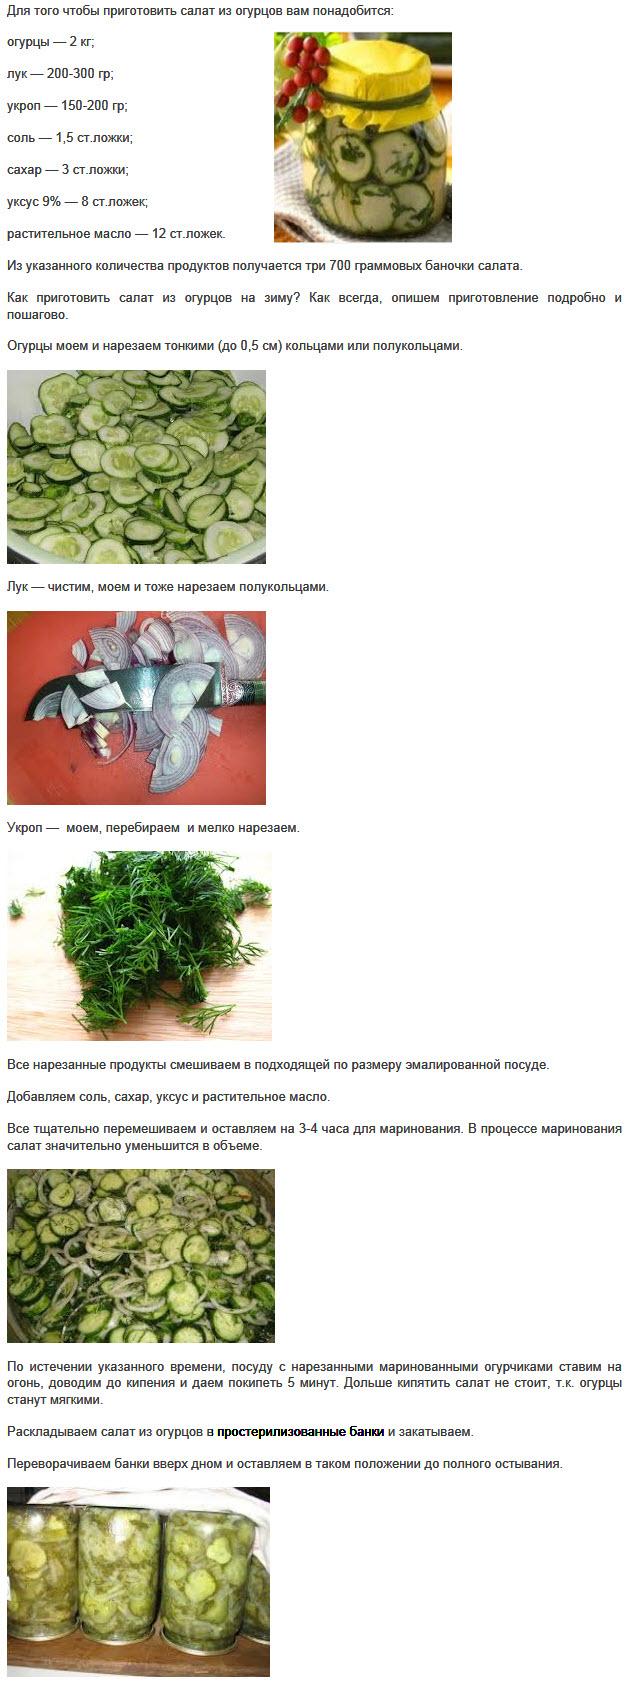 Как солить огурцы на зиму: 20 простых пошаговых рецептов, правила приготовления